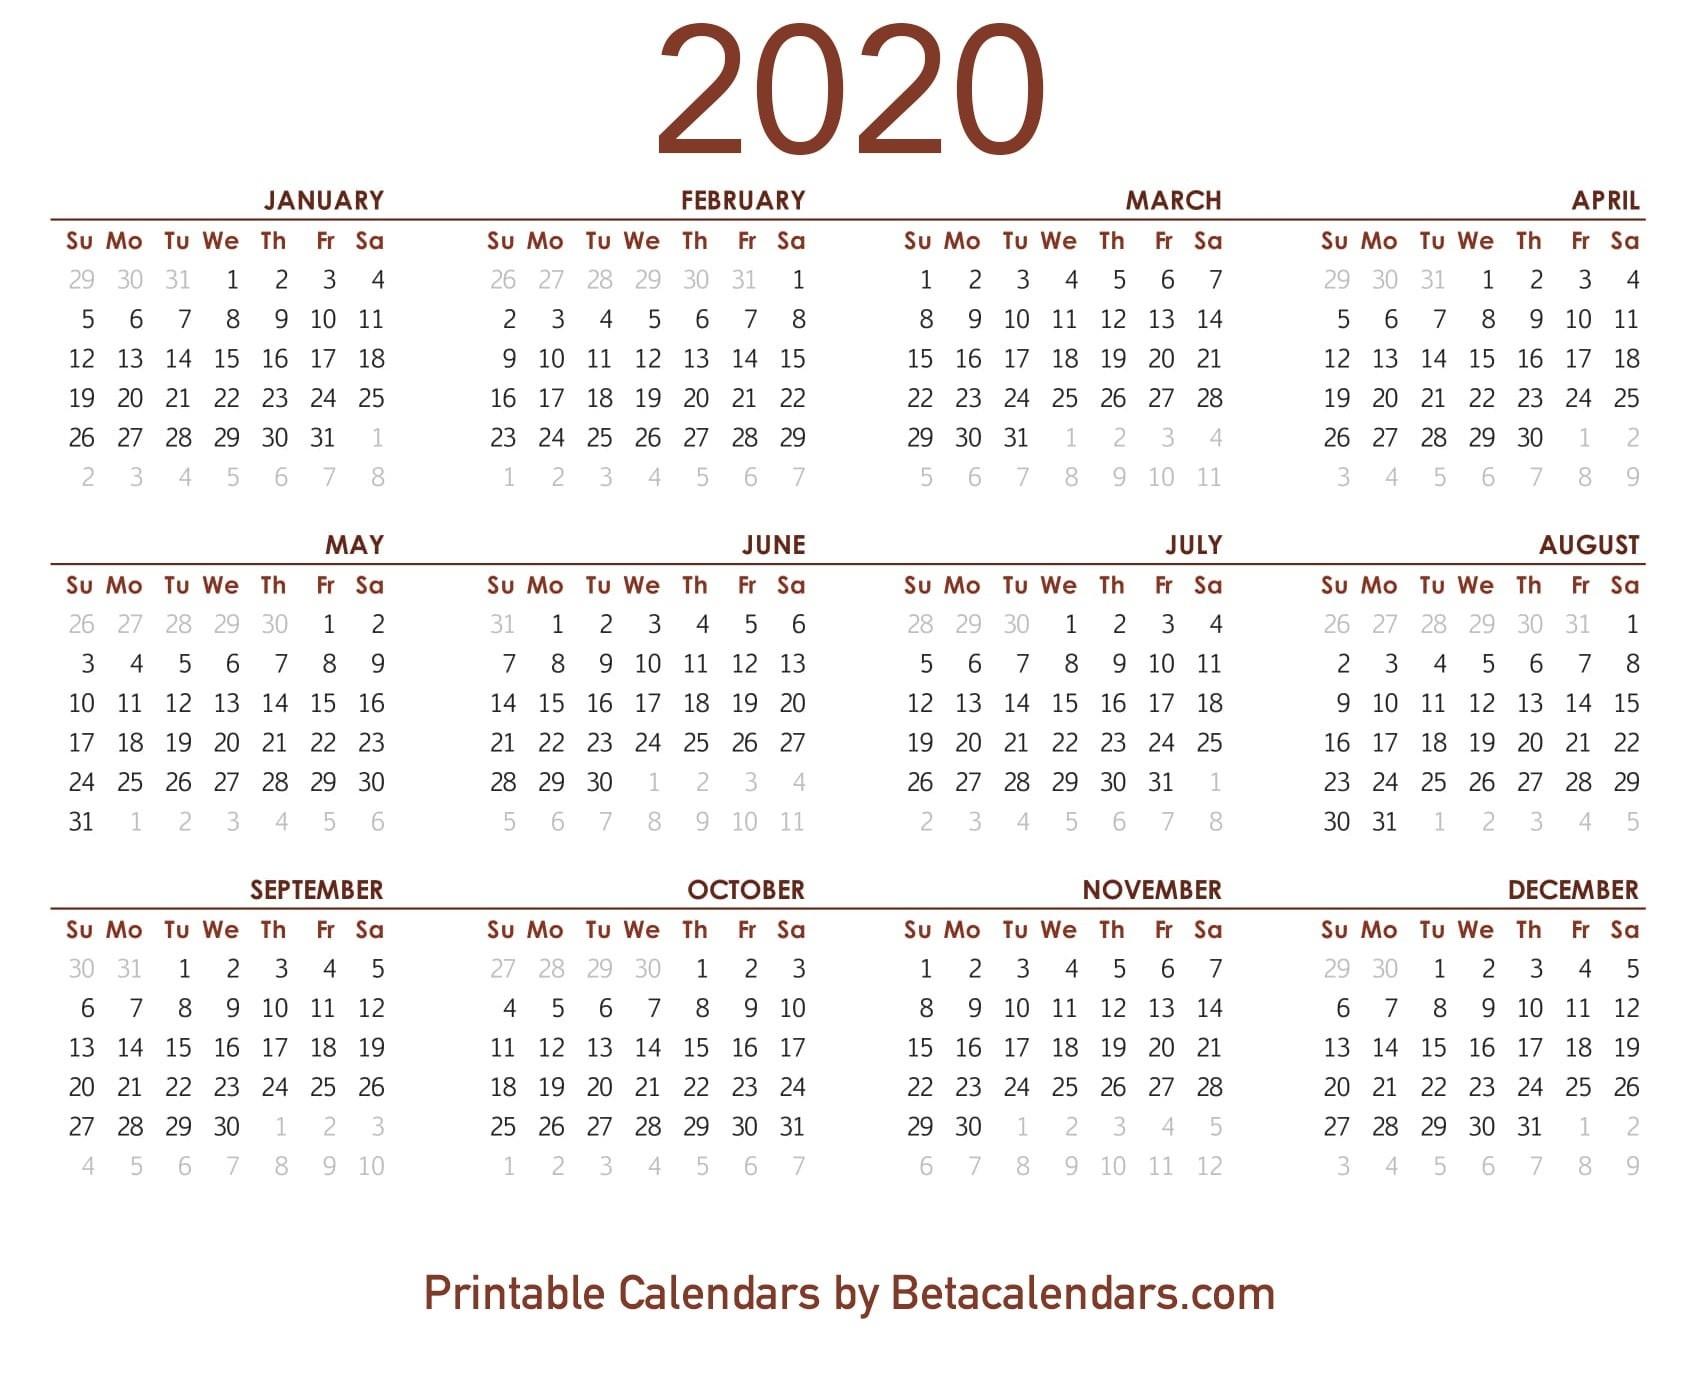 2020 Calendar - Beta Calendars-January - June 2020 Calendar